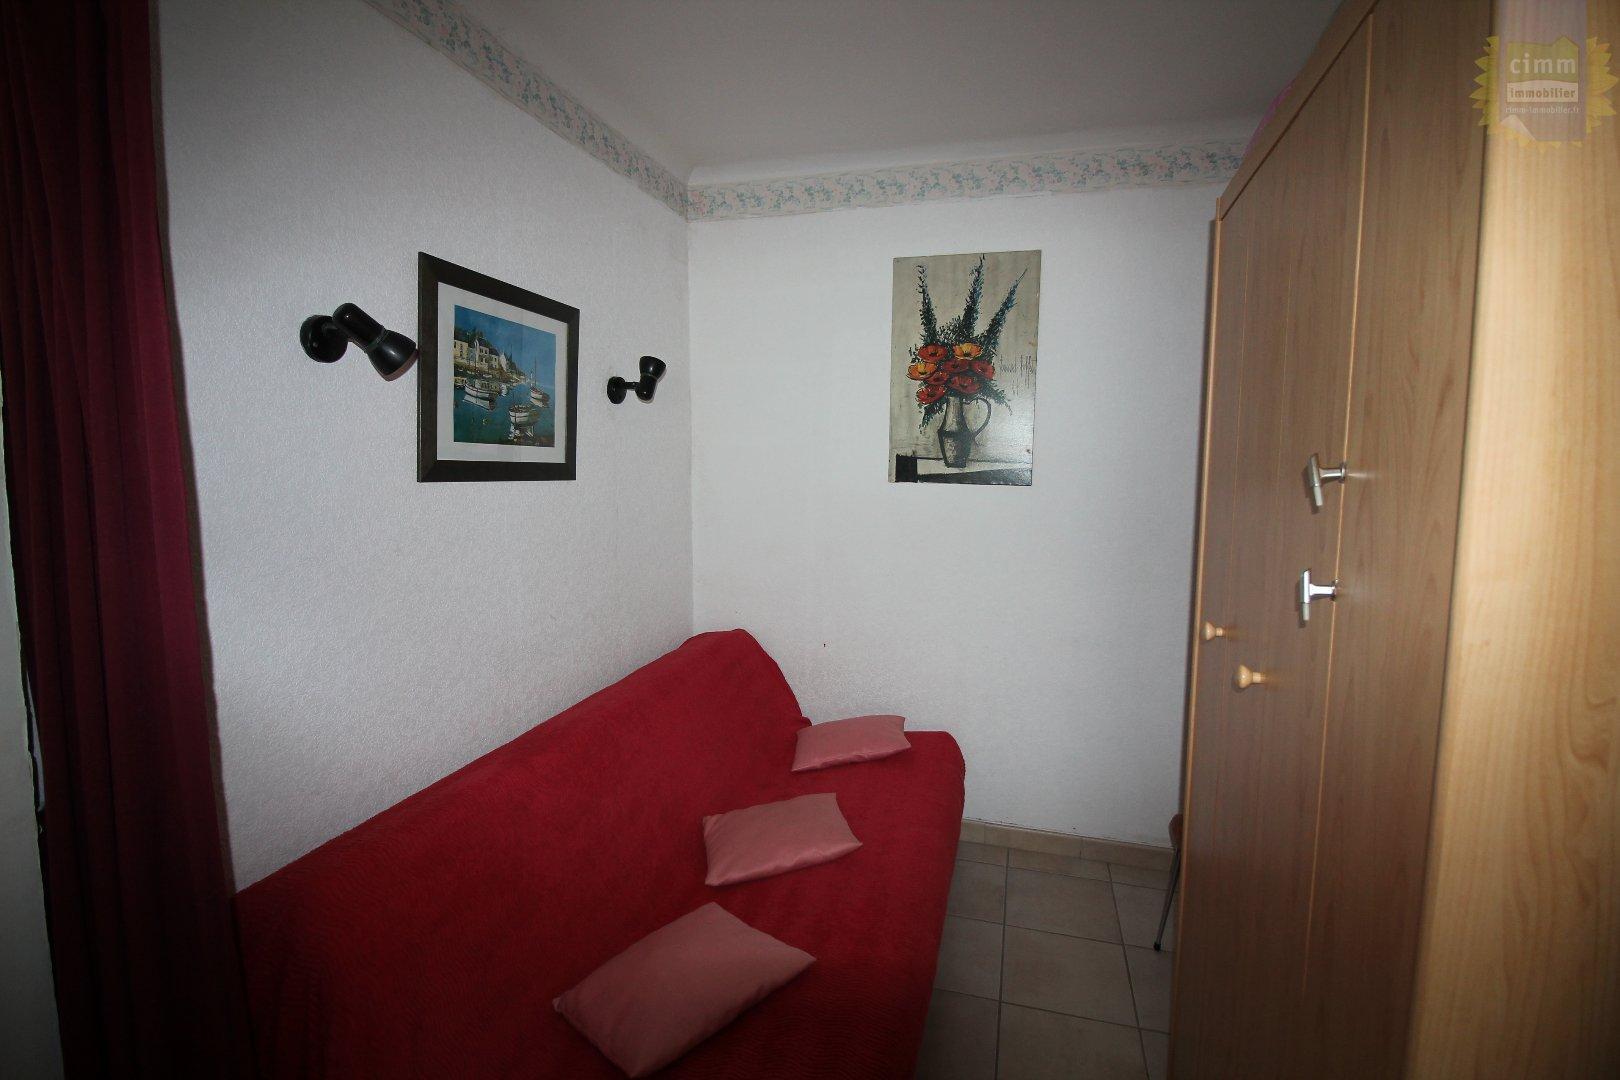 IMMOPLAGE VALRAS-PLAGE, agence immobilière, vente, location et location vacances appartement et maison entre Agde/Sete et Narbonne, proche Béziers - Appartement en résidence - VALRAS PLAGE - Location Vacances - 48m²